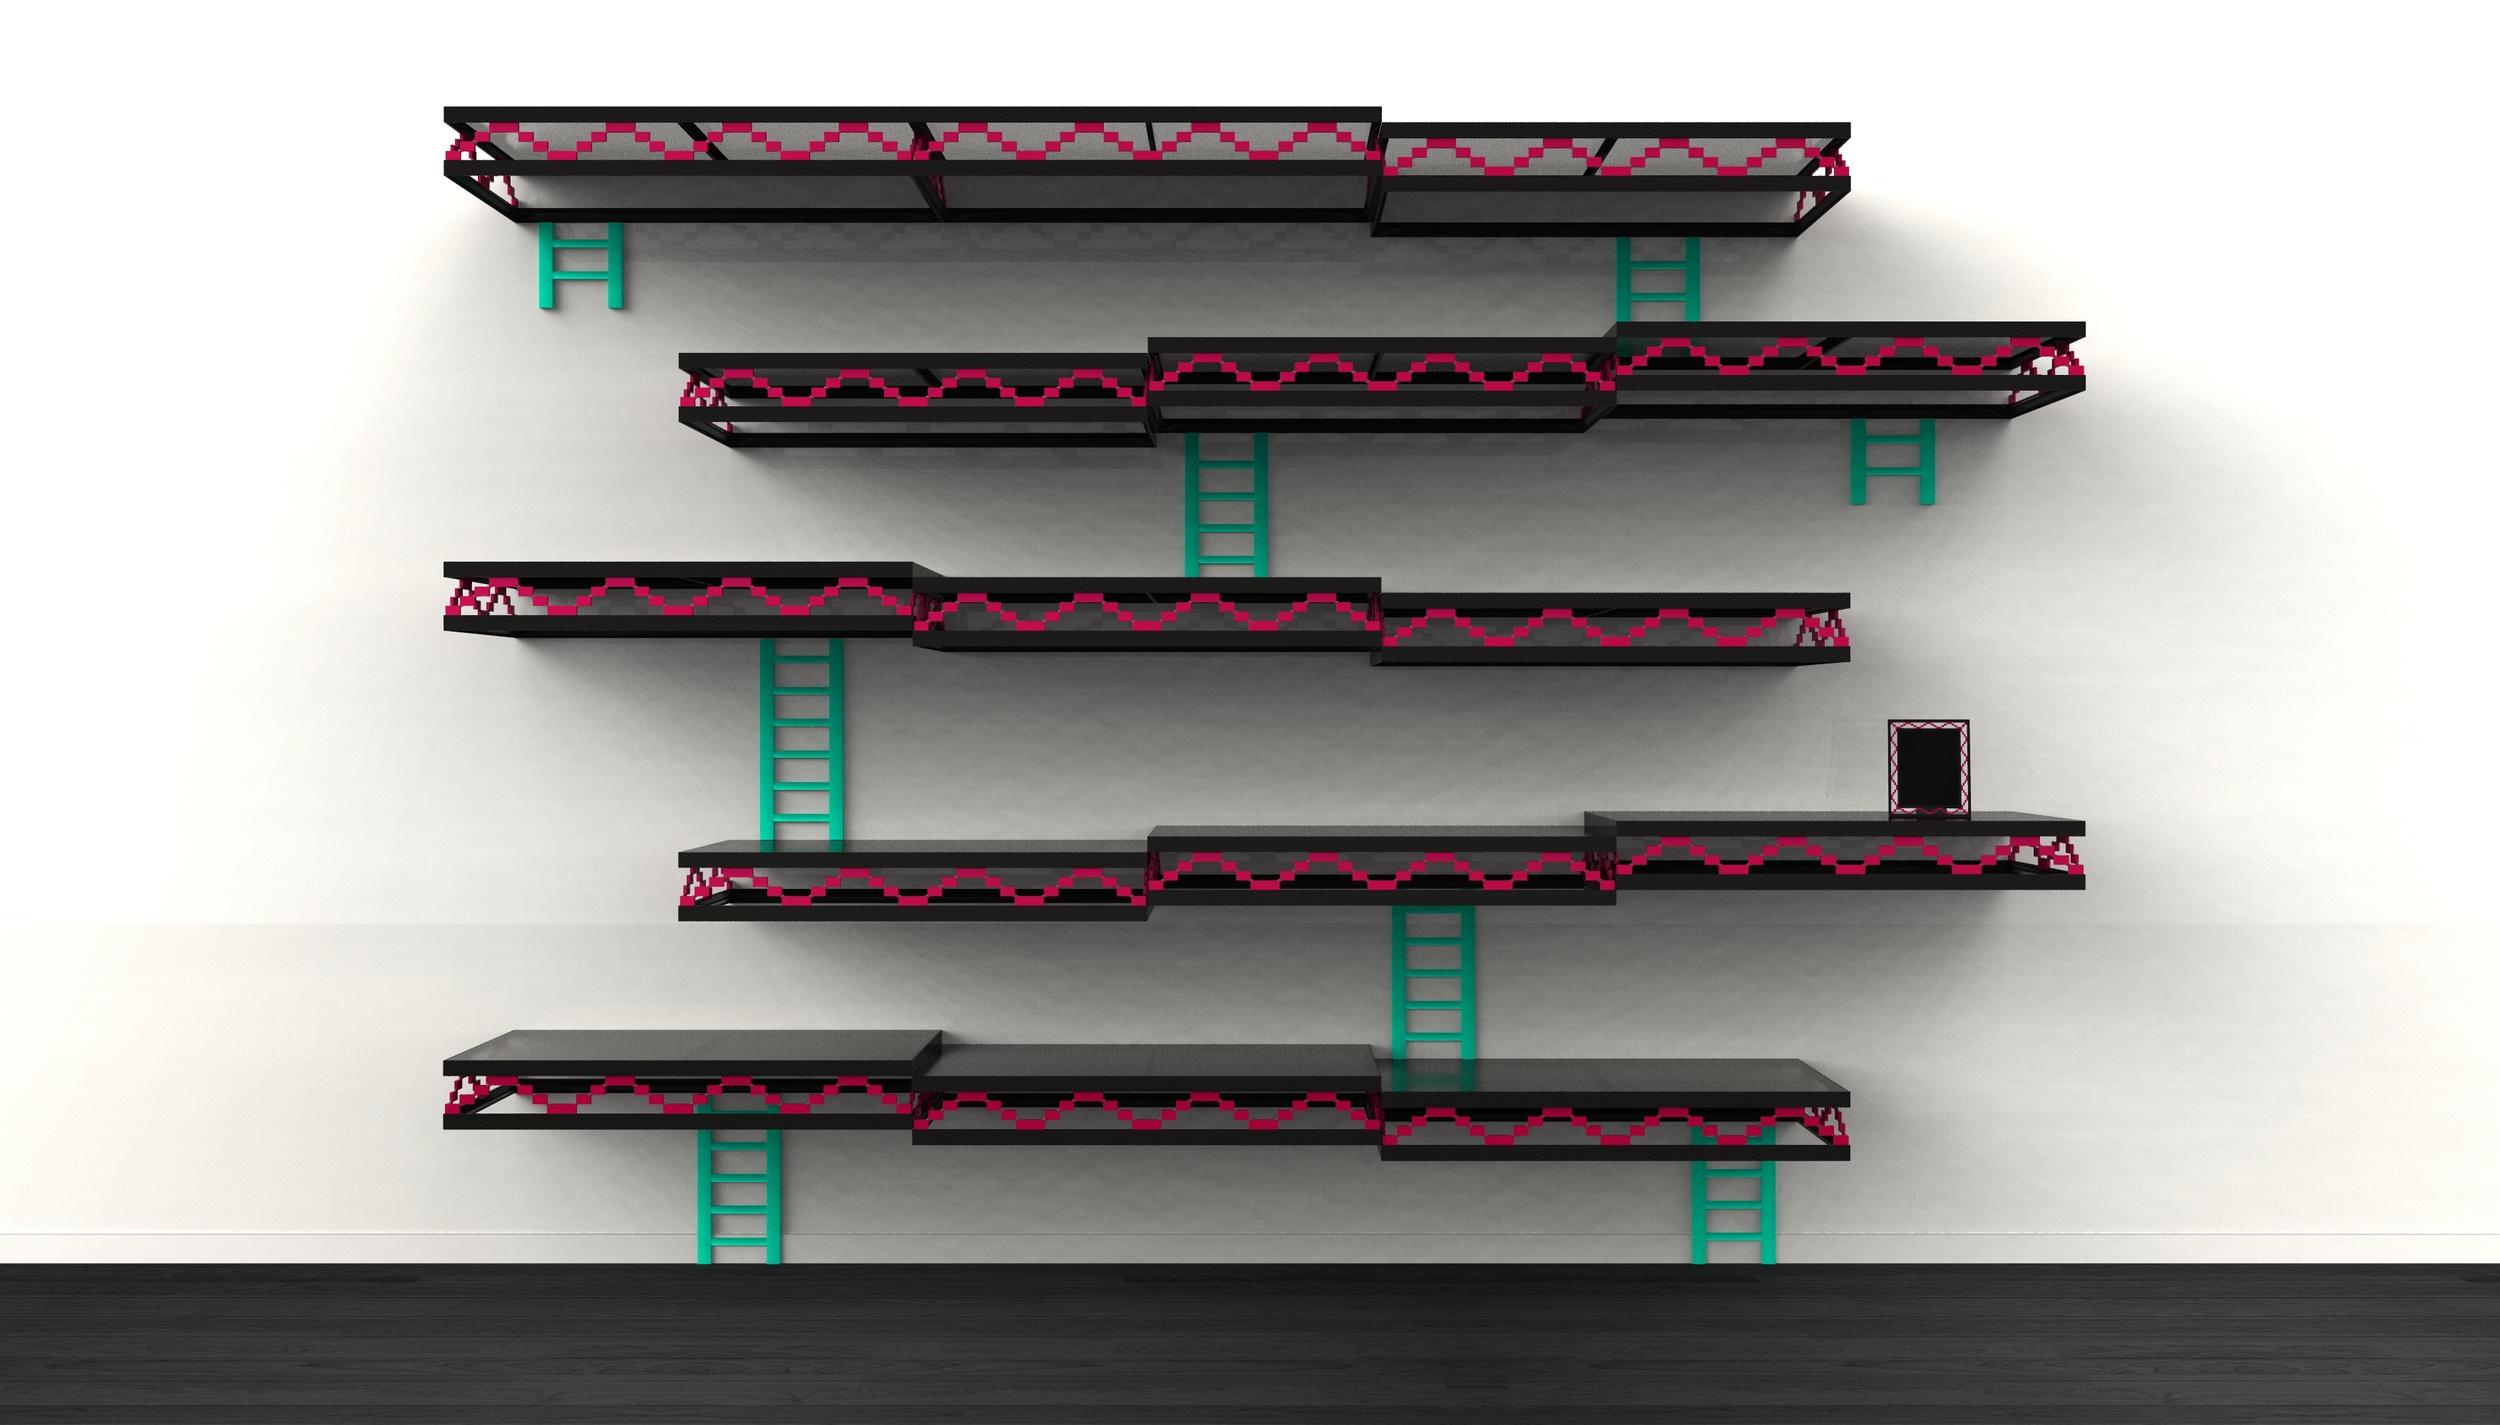 wall no tv.572.jpg